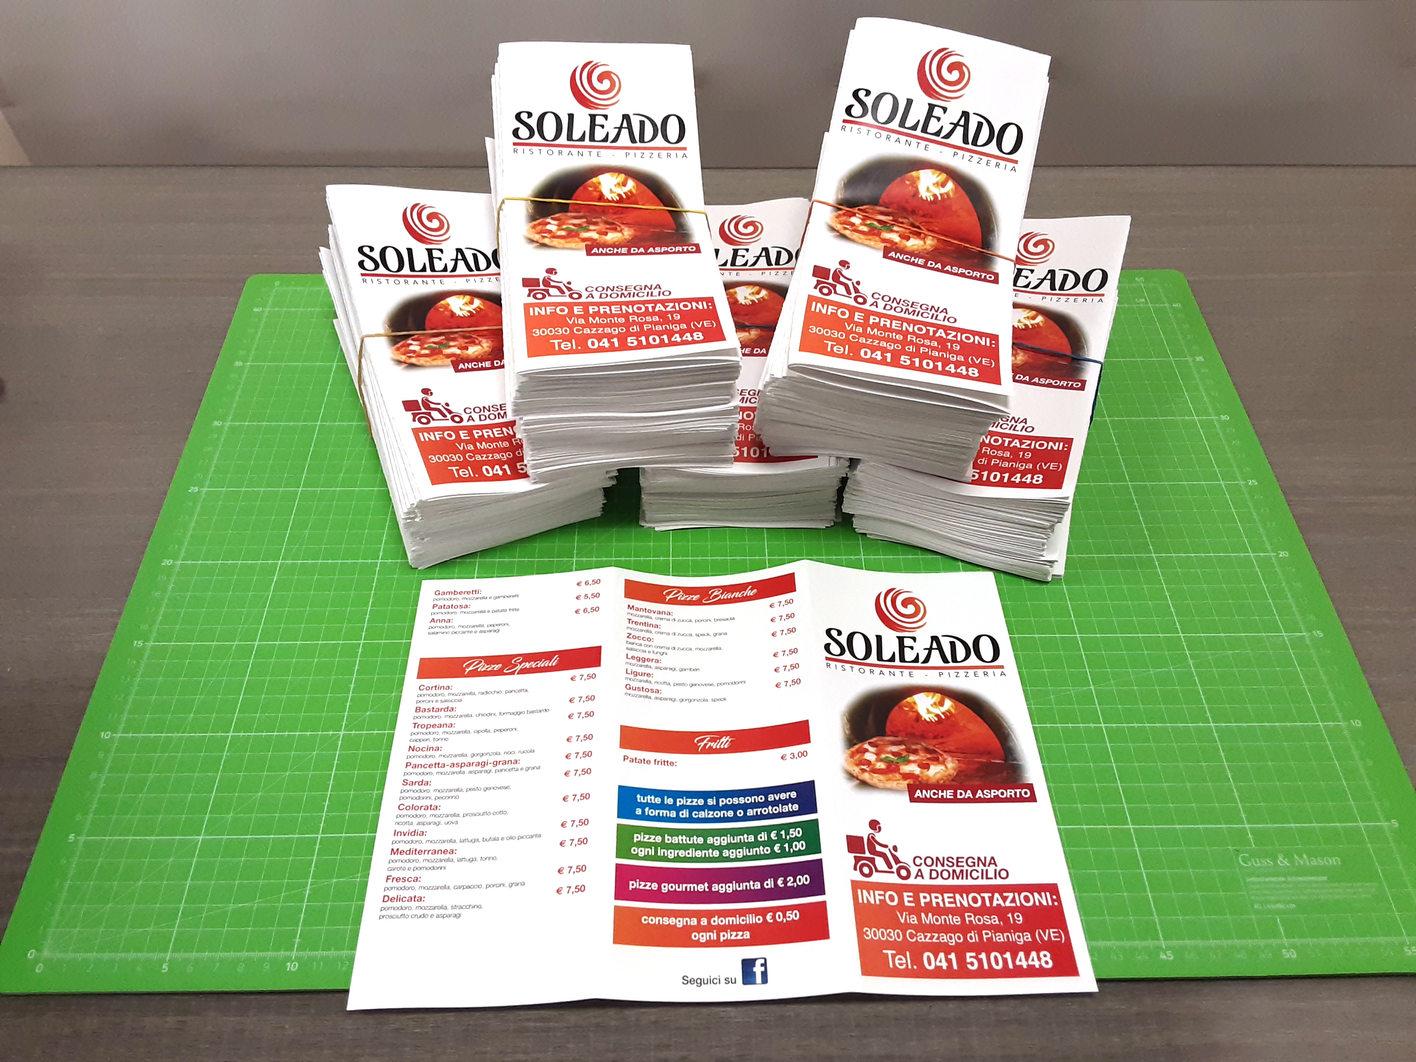 Grafica, stampa e realizzazione volantino per ristorante pizzeria Soleado a 4/4 colori su carta patinata opaca e piegato a 3 ante